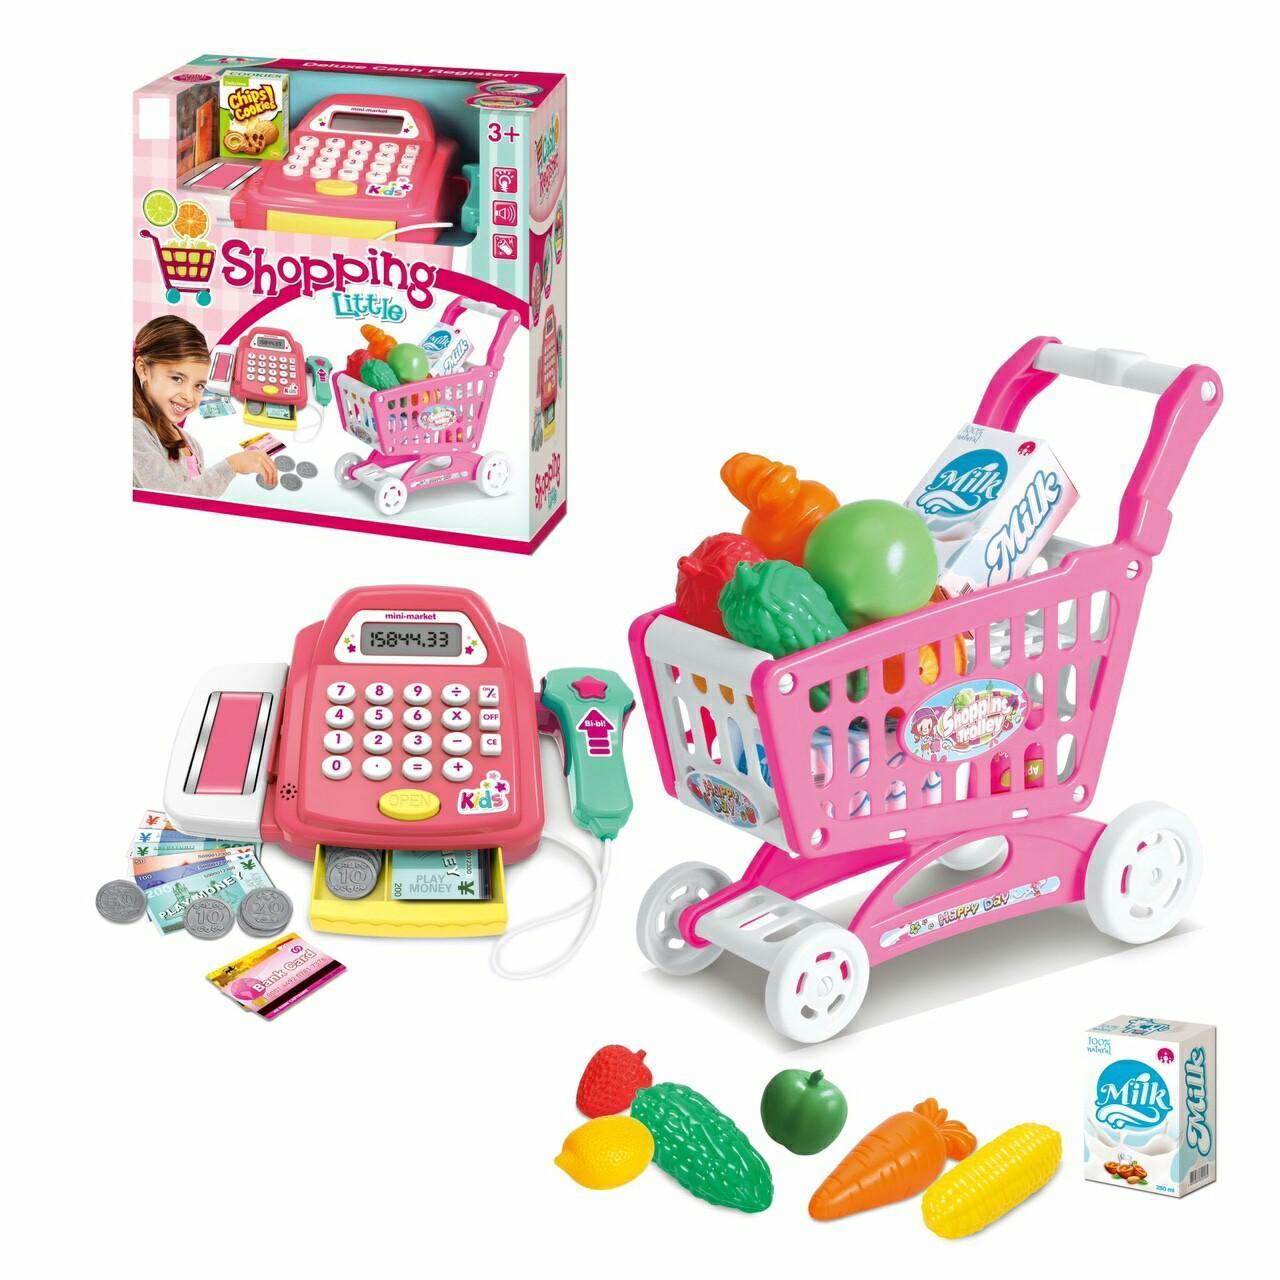 Hình ảnh Bộ đồ chơi máy tính tiền và xe đẩy siêu thị